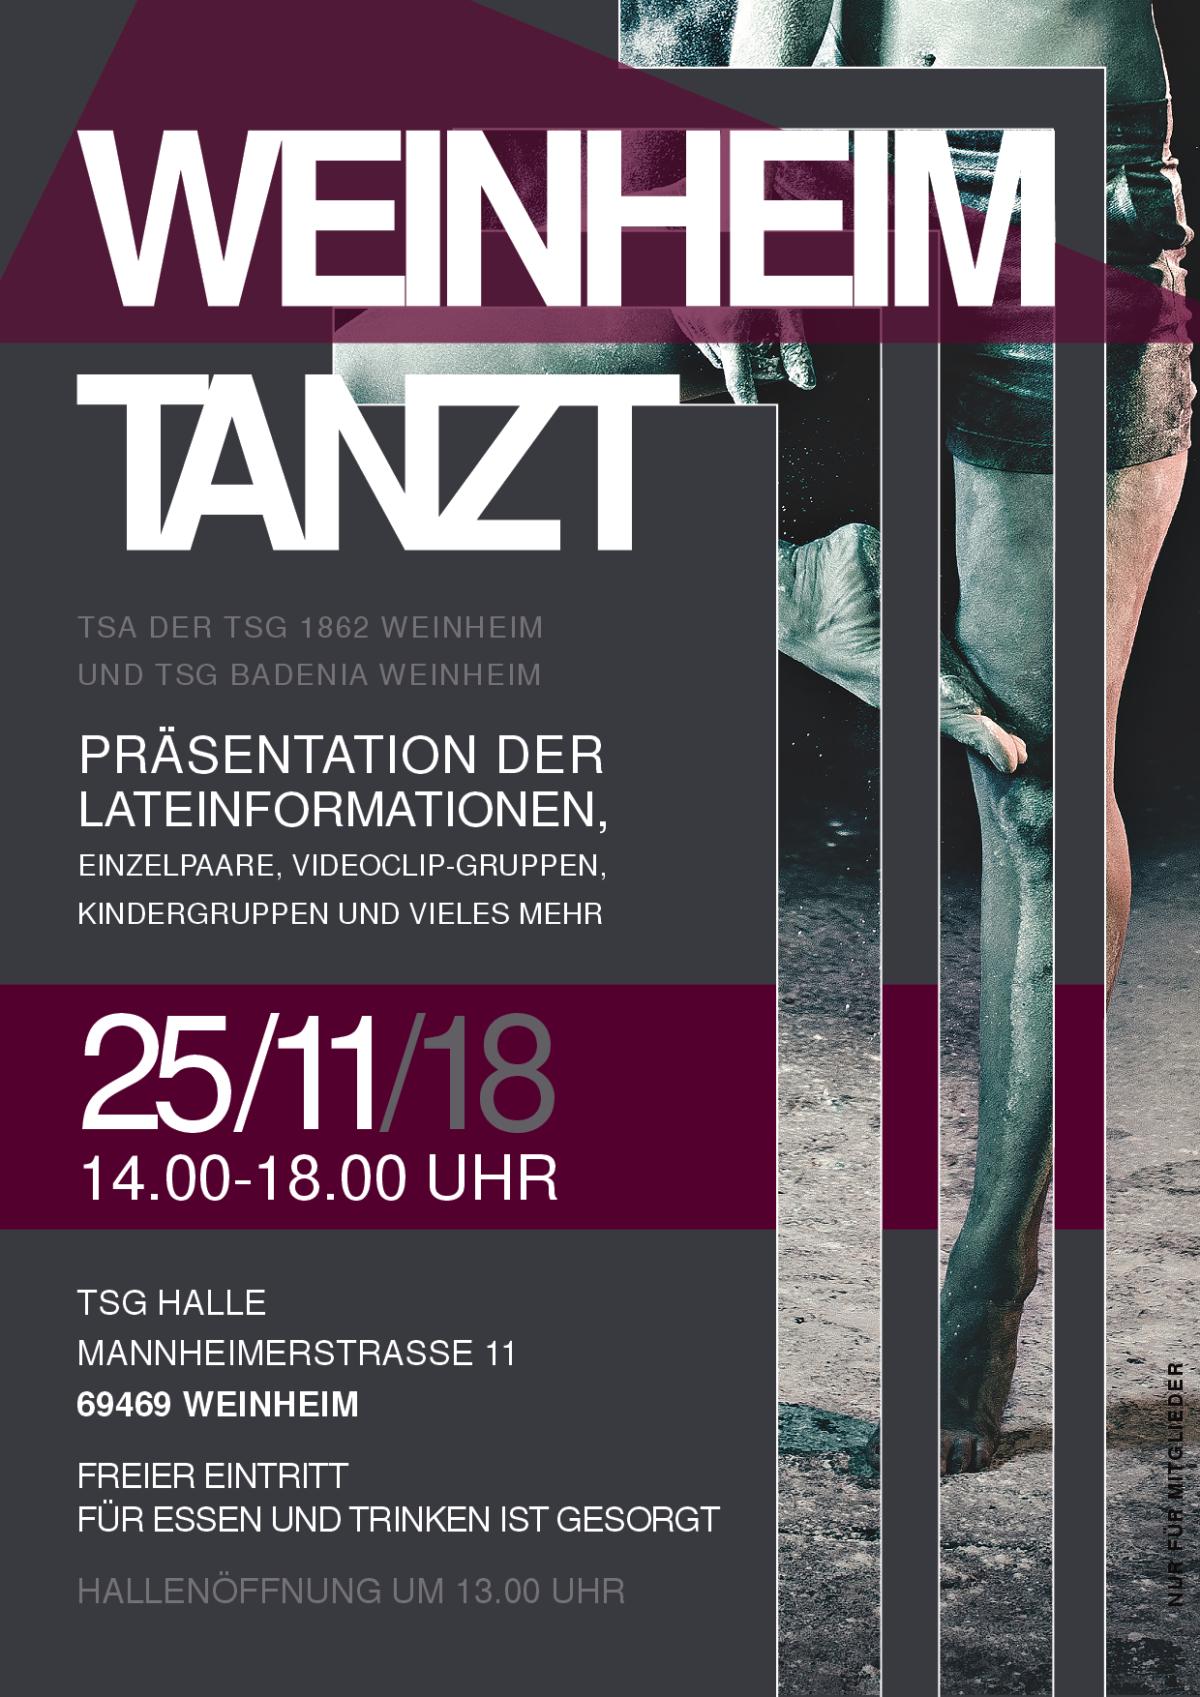 Weinheim tanzt – Präsentation der Lateinformationen